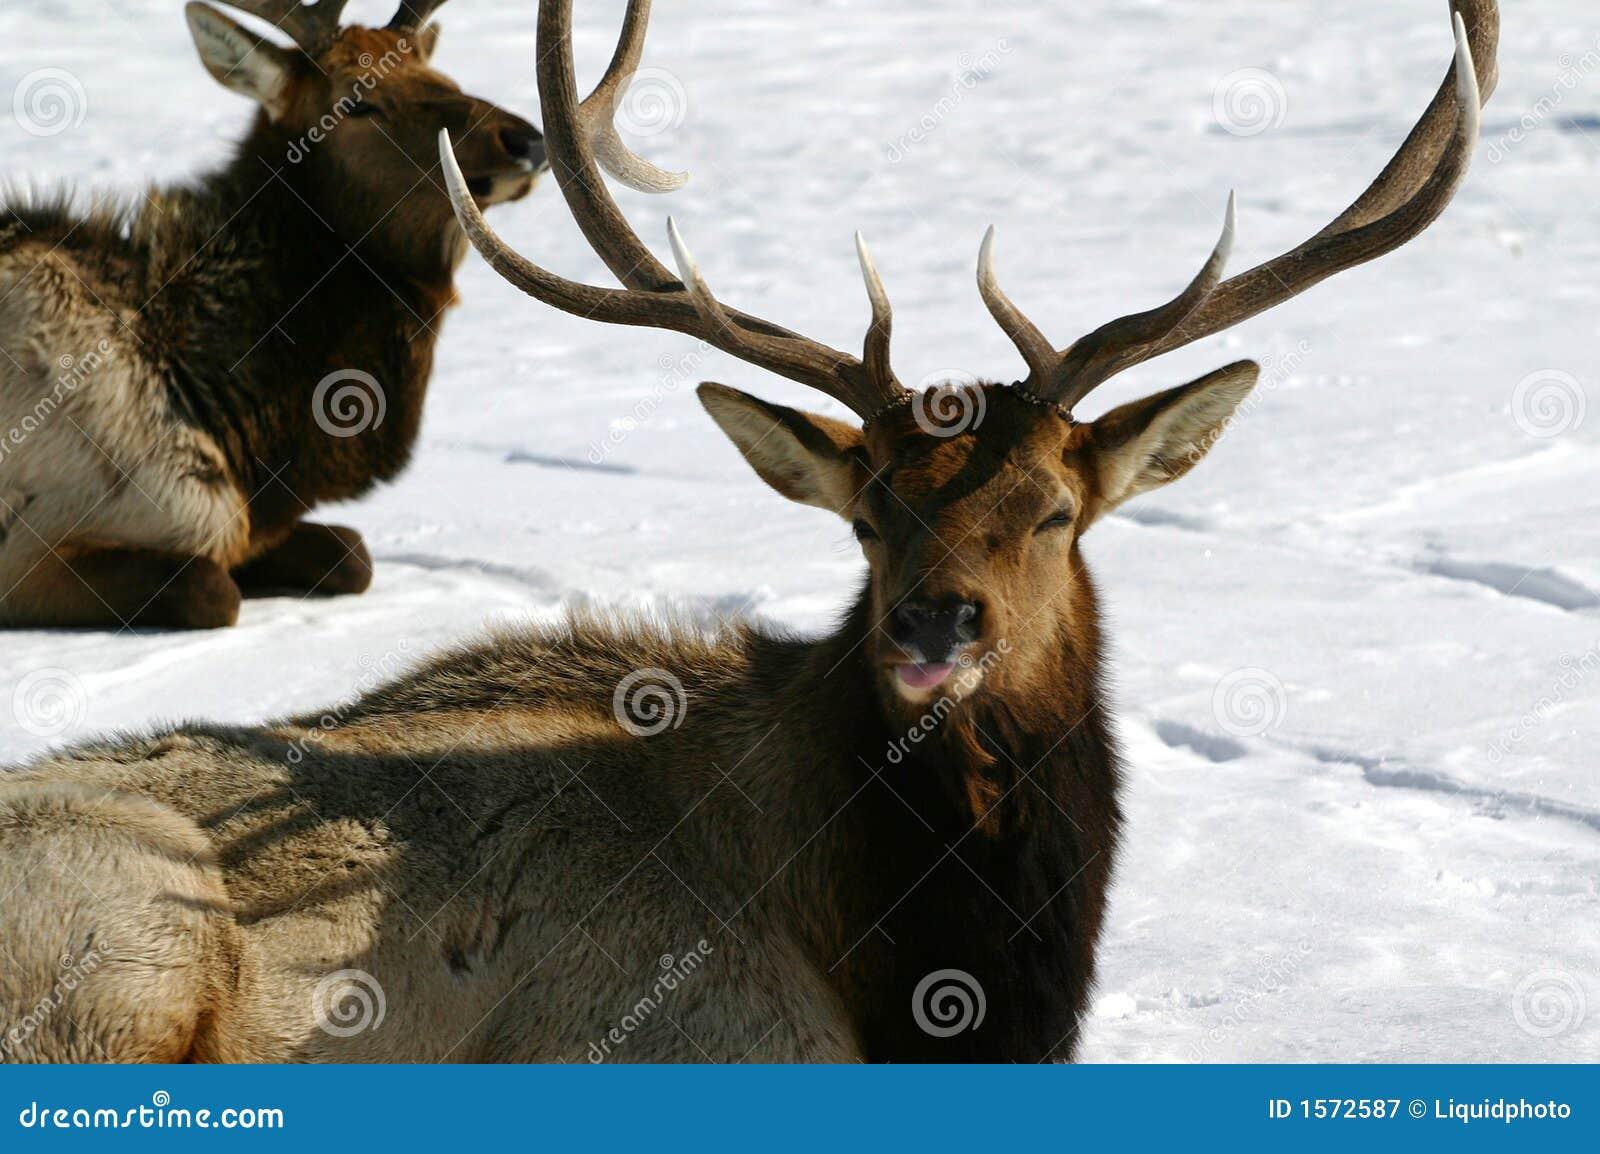 Elk Bull Pfft